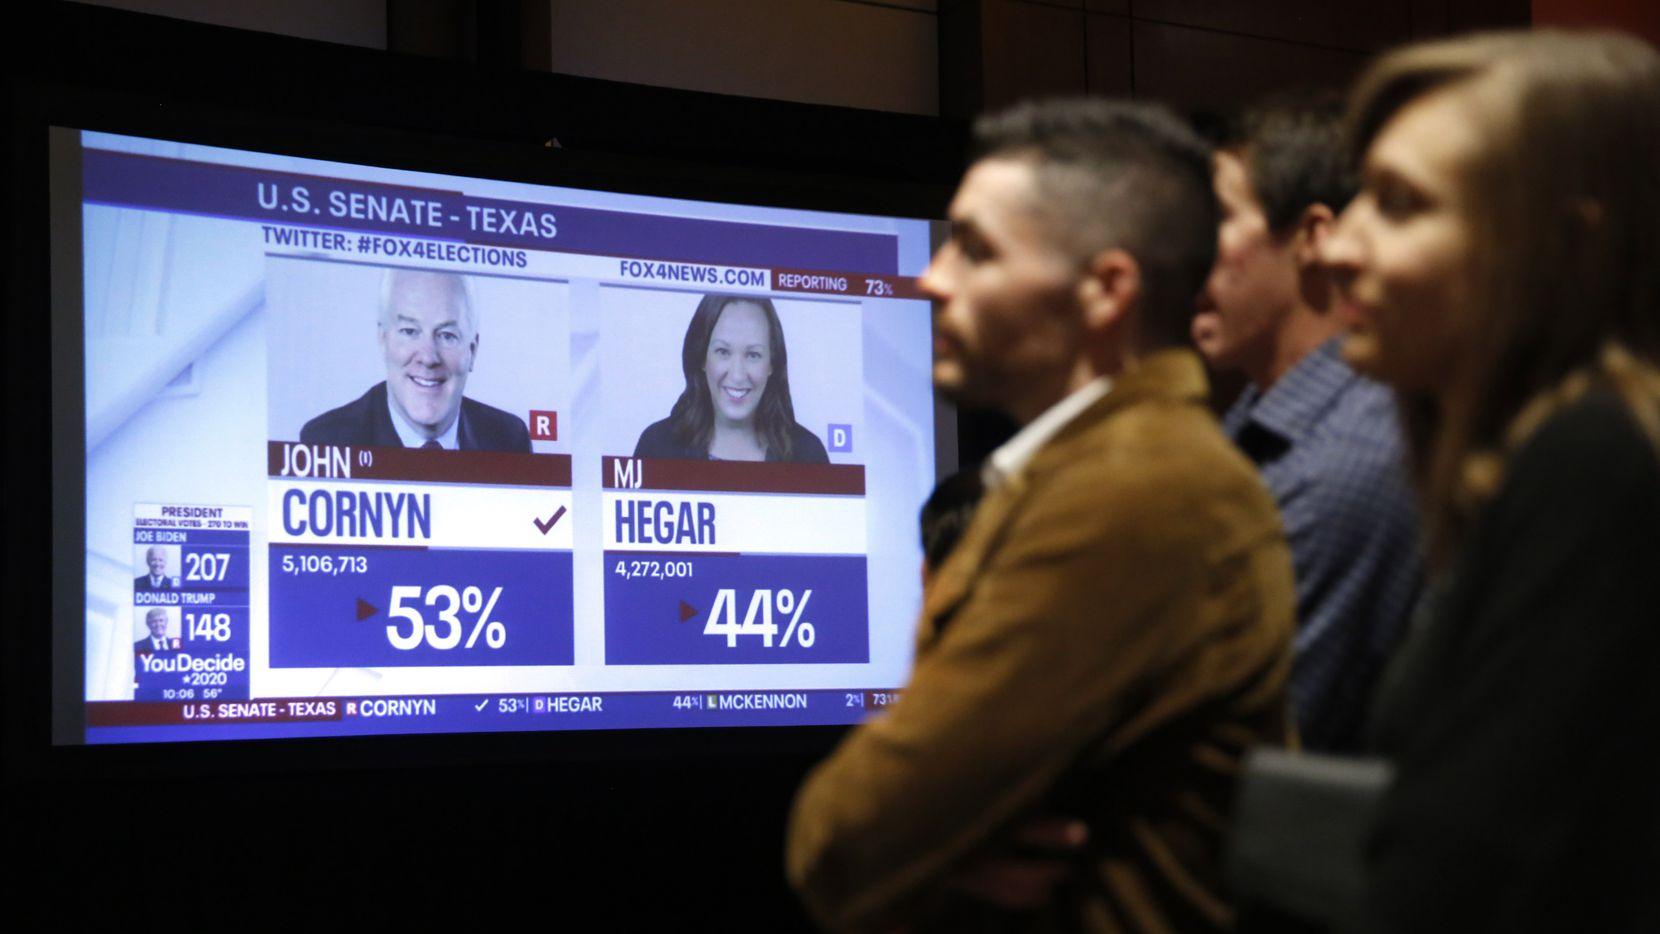 Miembros del Partido Republicano observan los resultados electorales en Hurst Conference Center en Hurst, Texas, el martes 3 de noviembre. Las audiencias de televisión disminuyeron para la contienda electoral 2020.